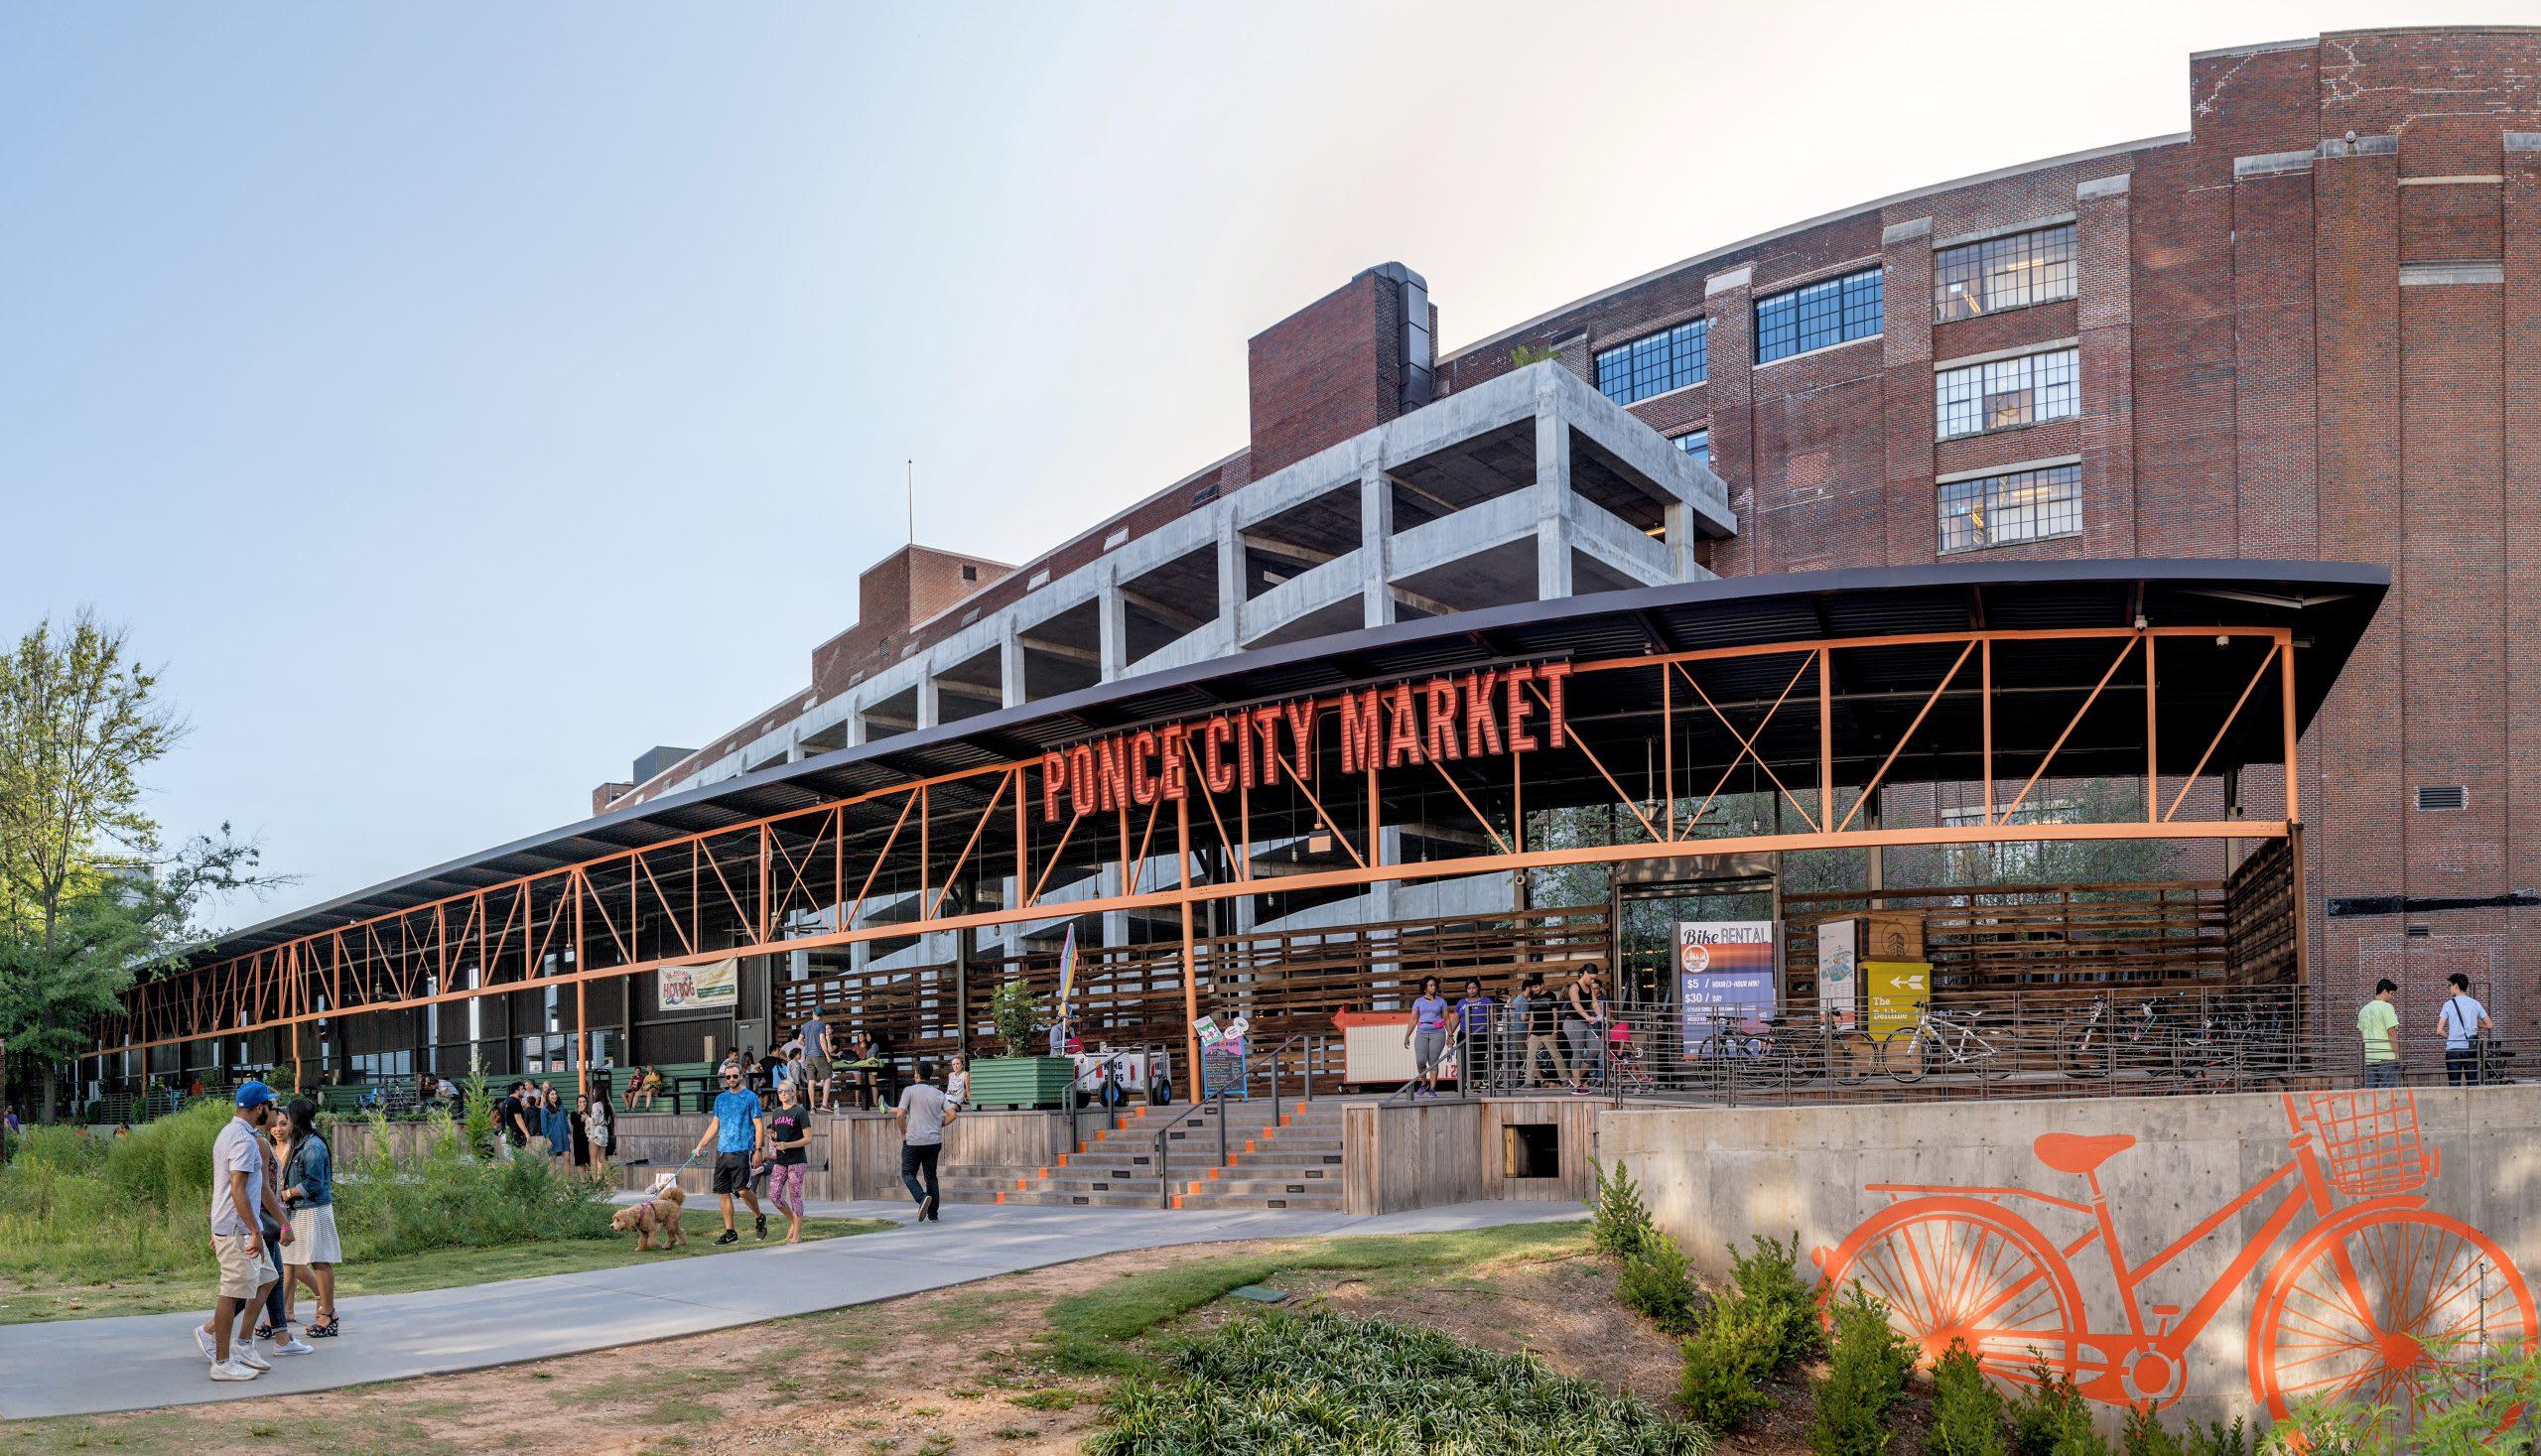 Ponce City Market